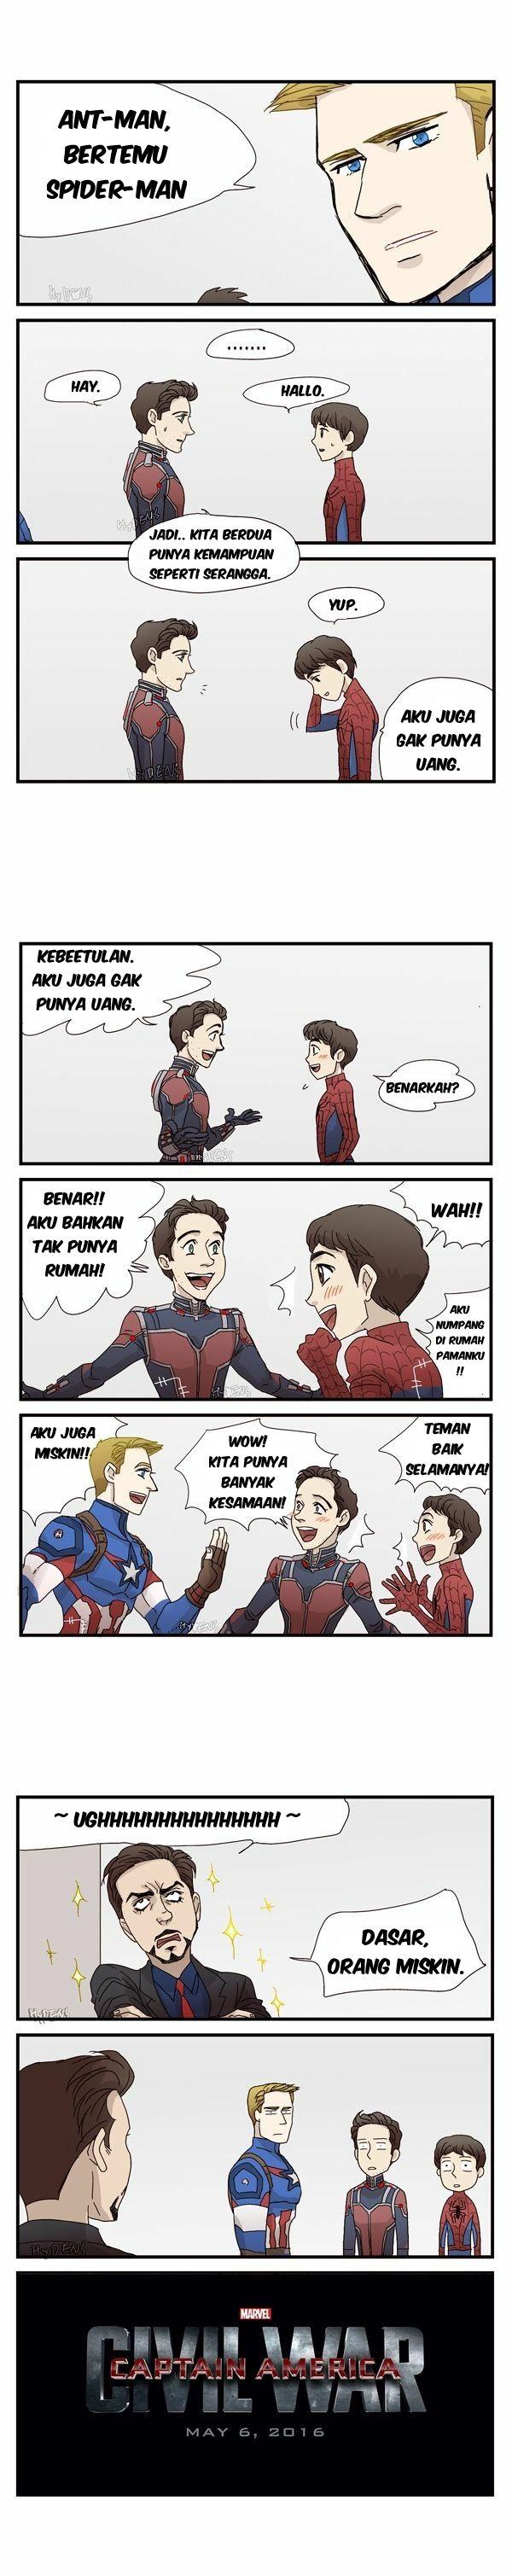 Komik Captain America Civil War Bahasa Indonesia Dasar